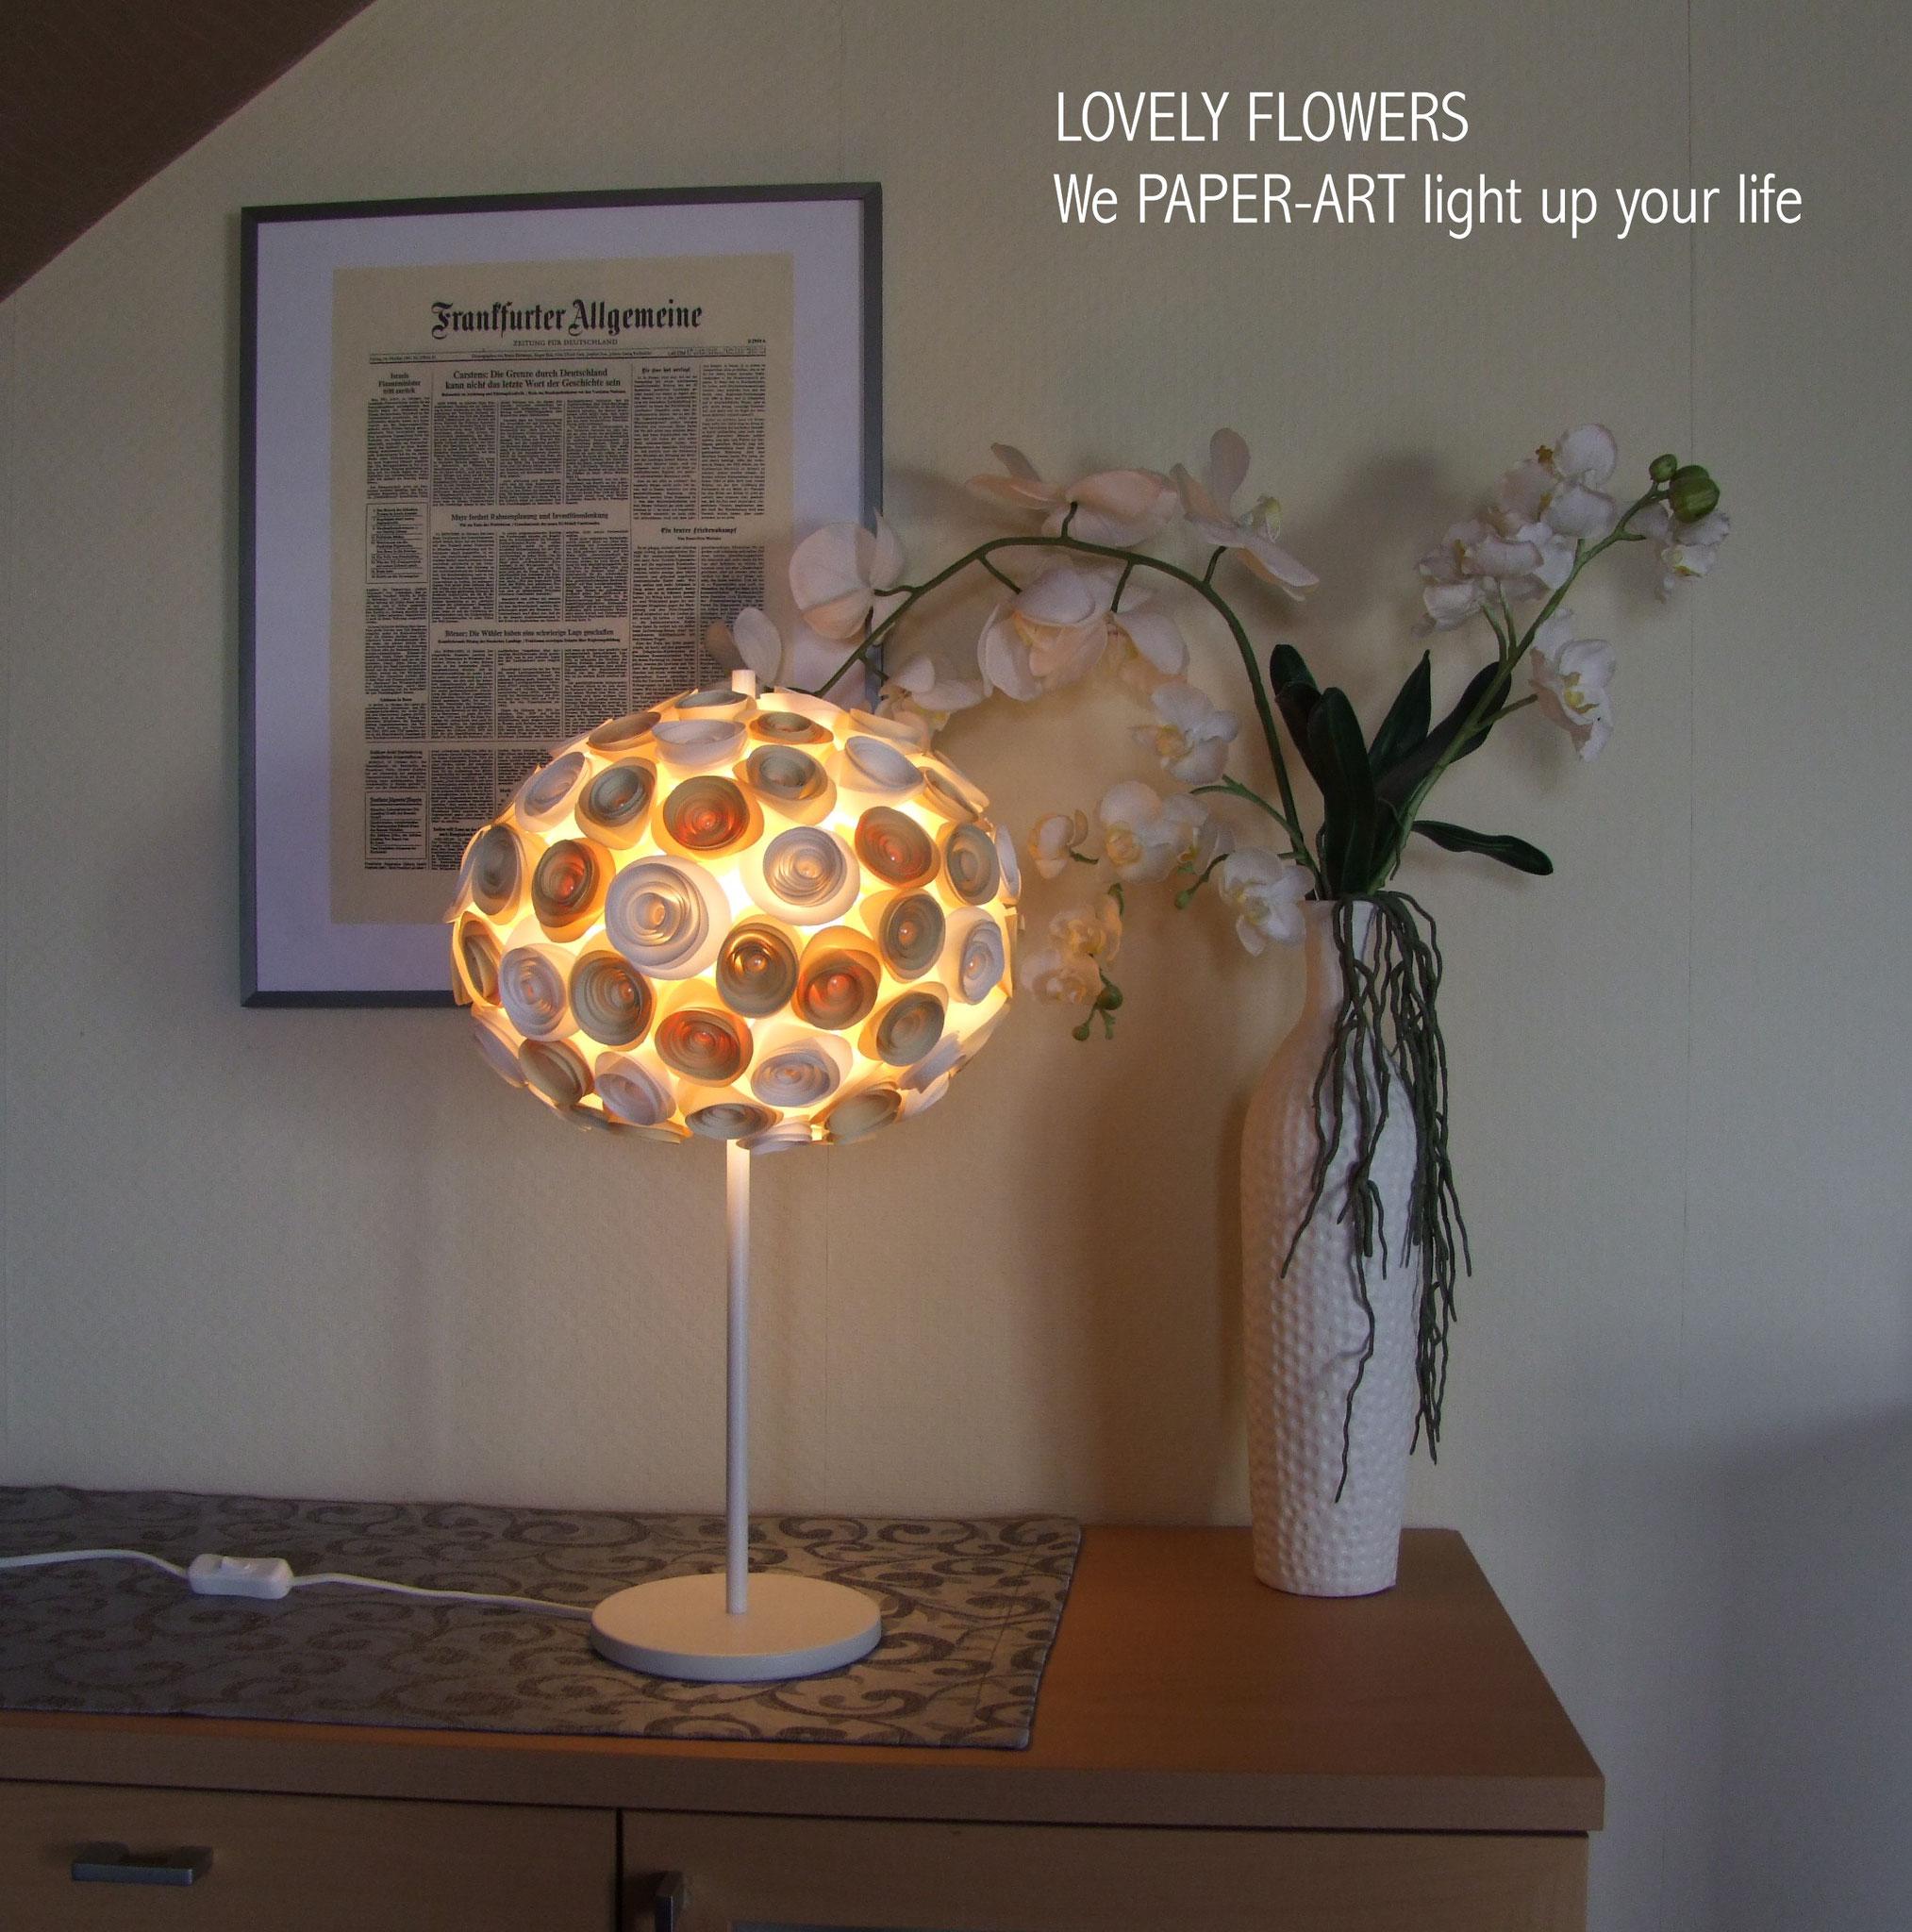 www.lovelyflowers.de - Paper Art Lampen geben Deinem Zuhause einen romantischen Touch!